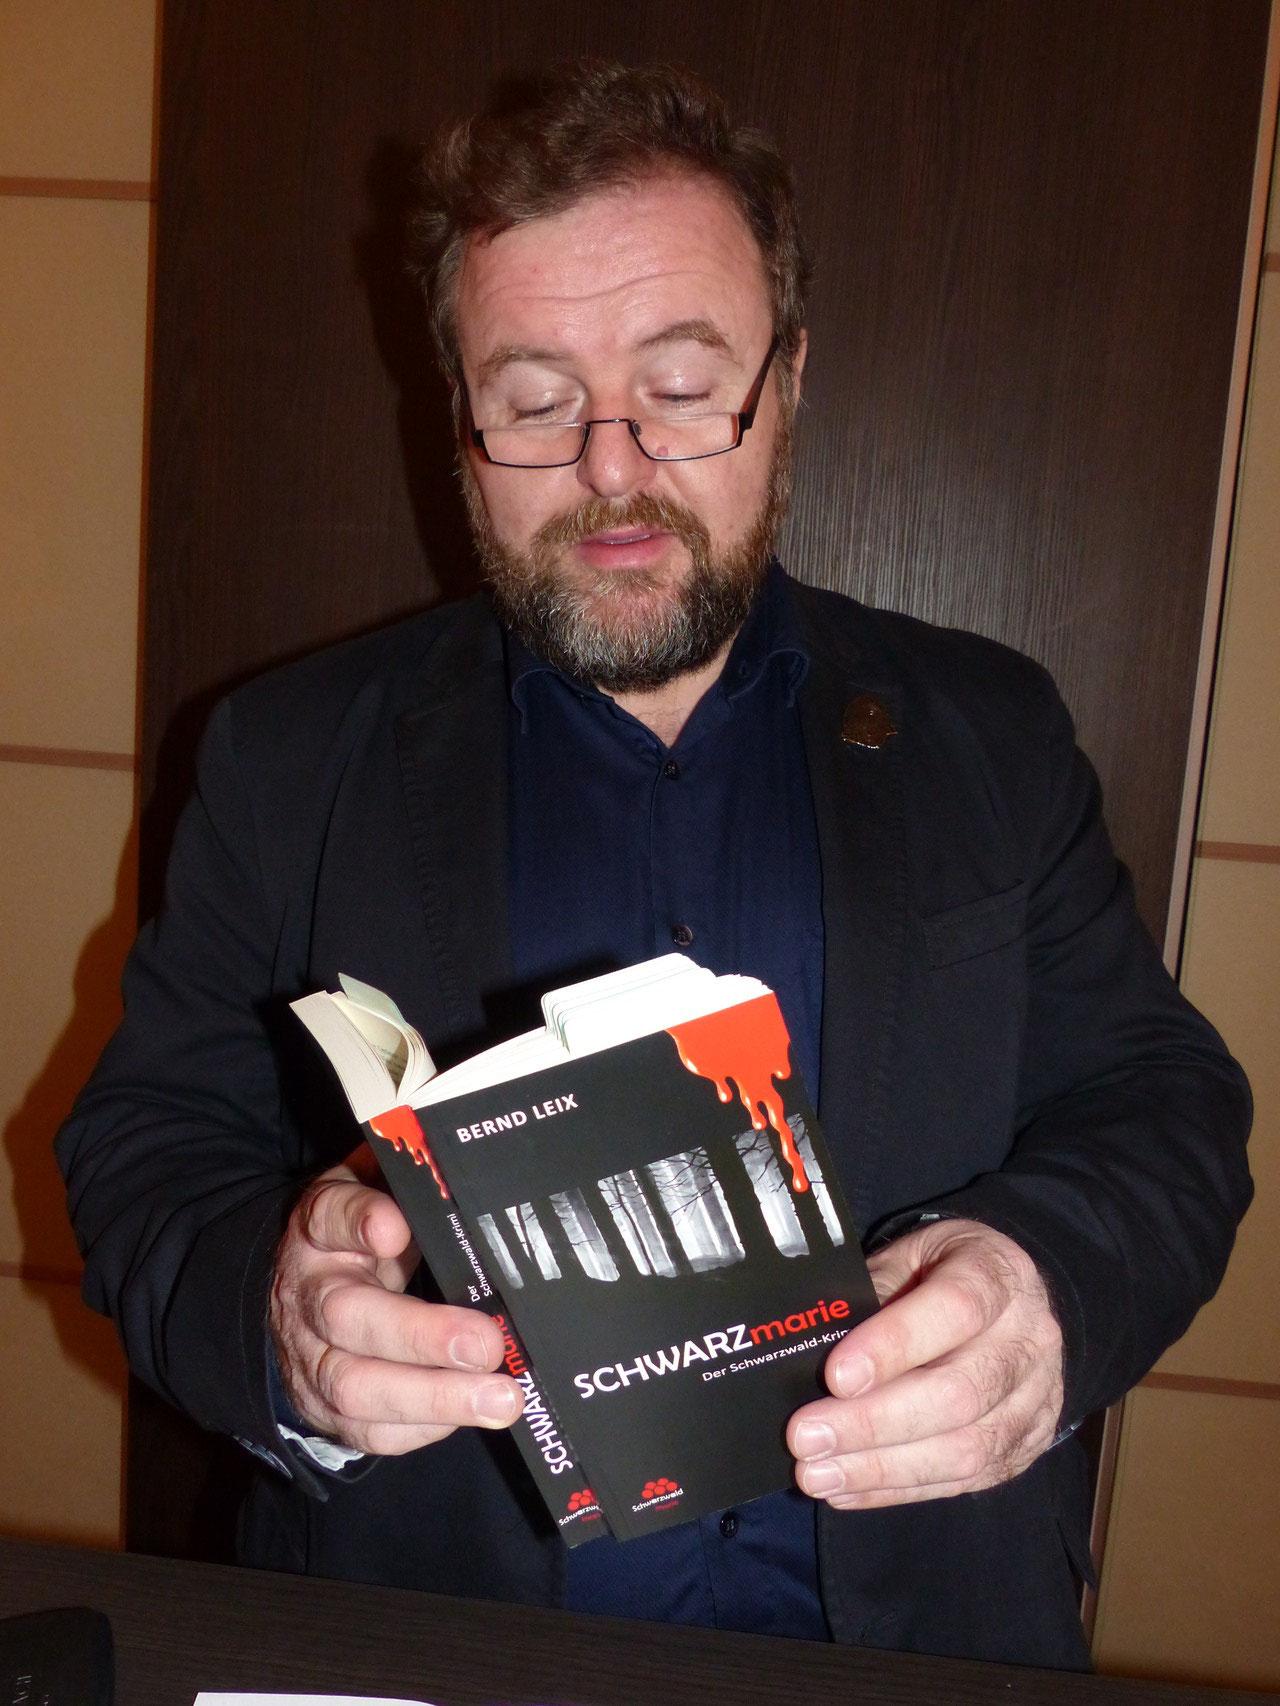 Der Autor, Bernd Leix, bei der mitreißende Lesung